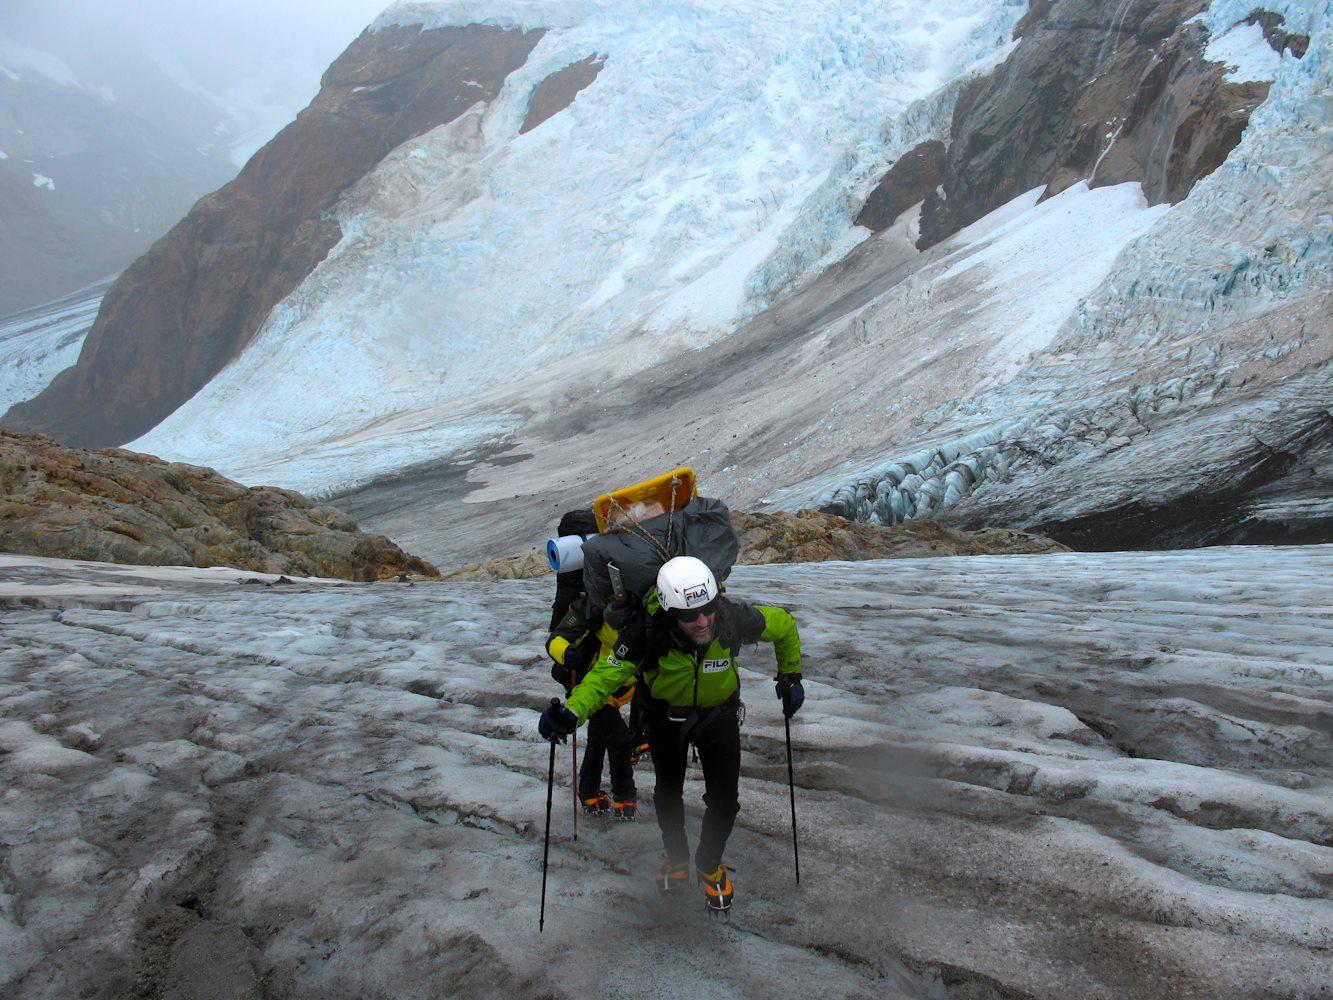 Caminando en hielo con las botas de montaña Crispi Top 6000